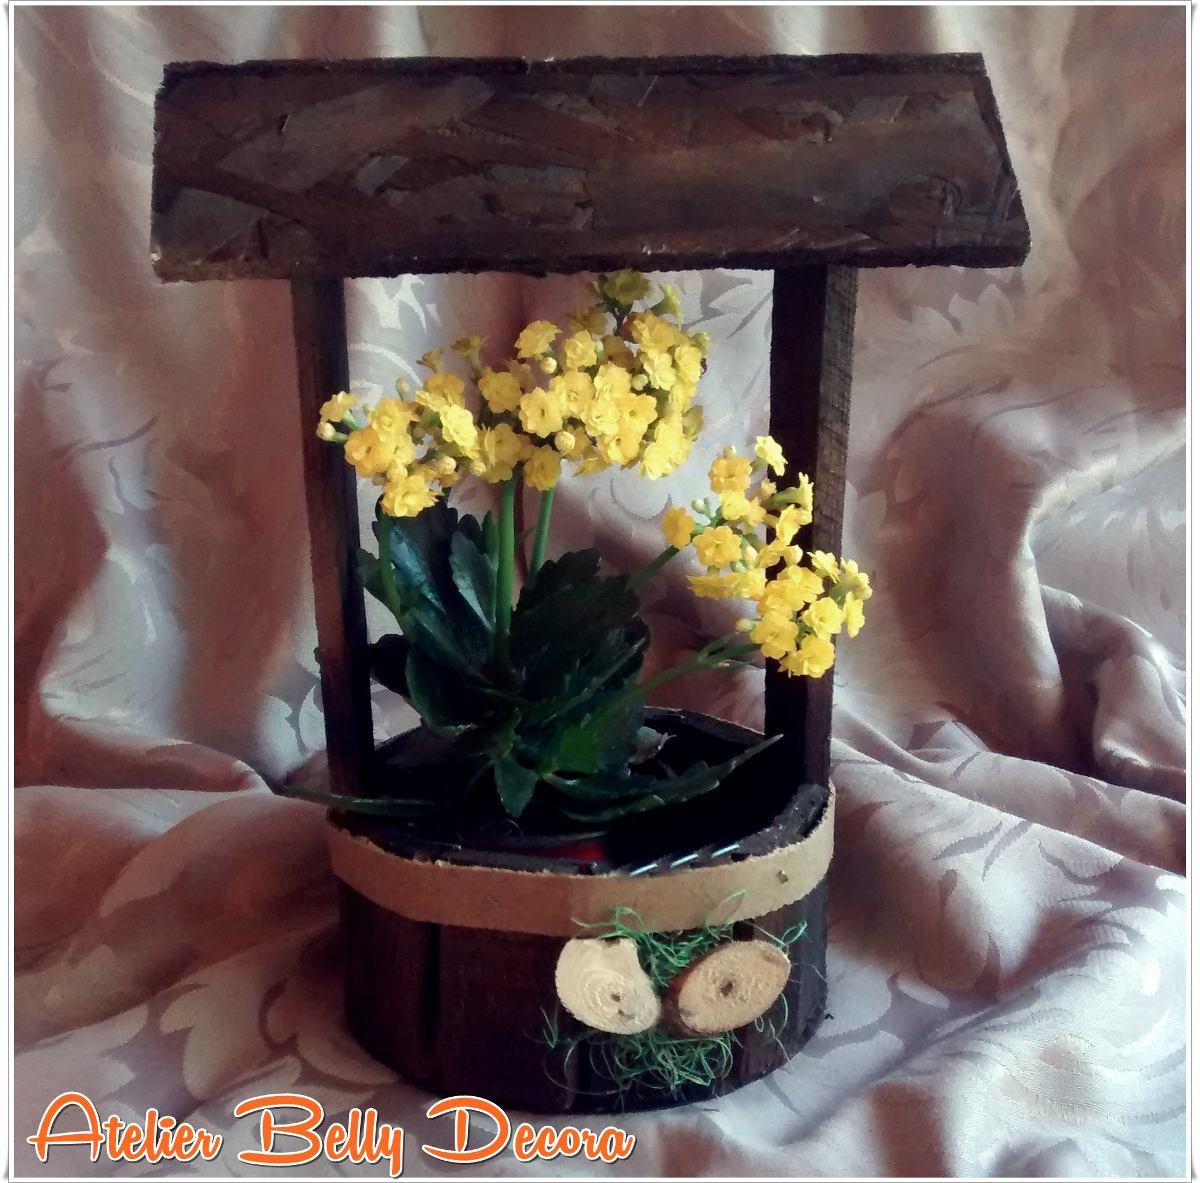 Adesivo Para Box De Banheiro ~ Decoraç u00e3o Jardim Madeira Rustica Artesanal Poço Cachep u00f4 Flor R$ 21,89 no MercadoLivre